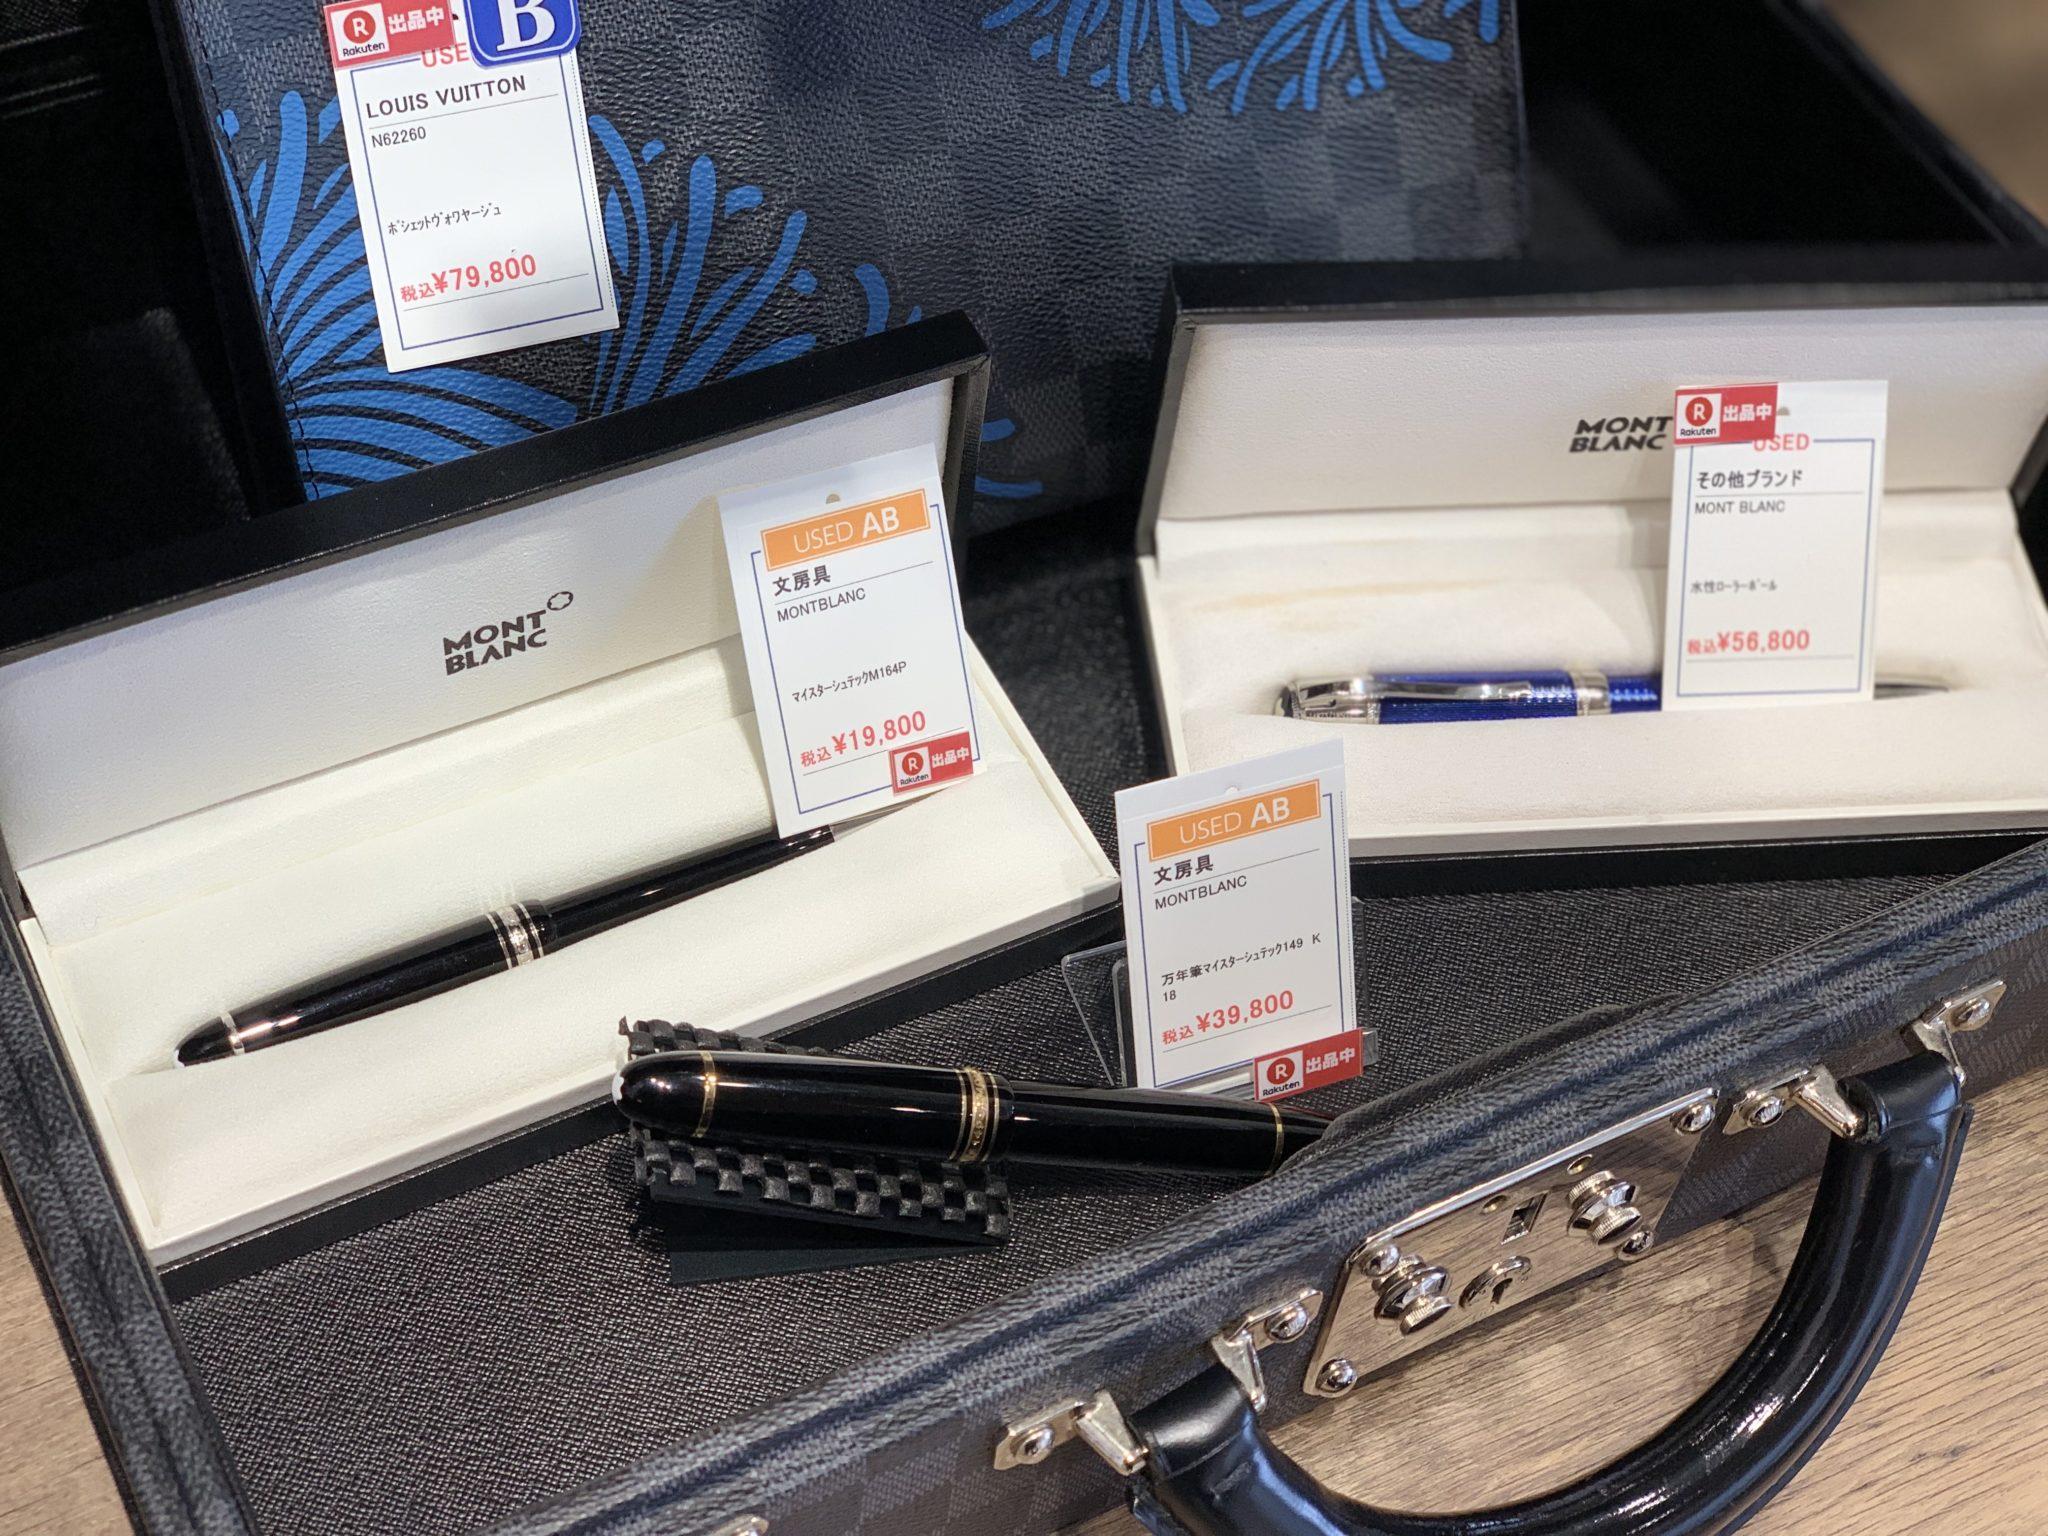 【盛岡 バレンタイン プレゼント】MONTBLANC モンブランの筆記具